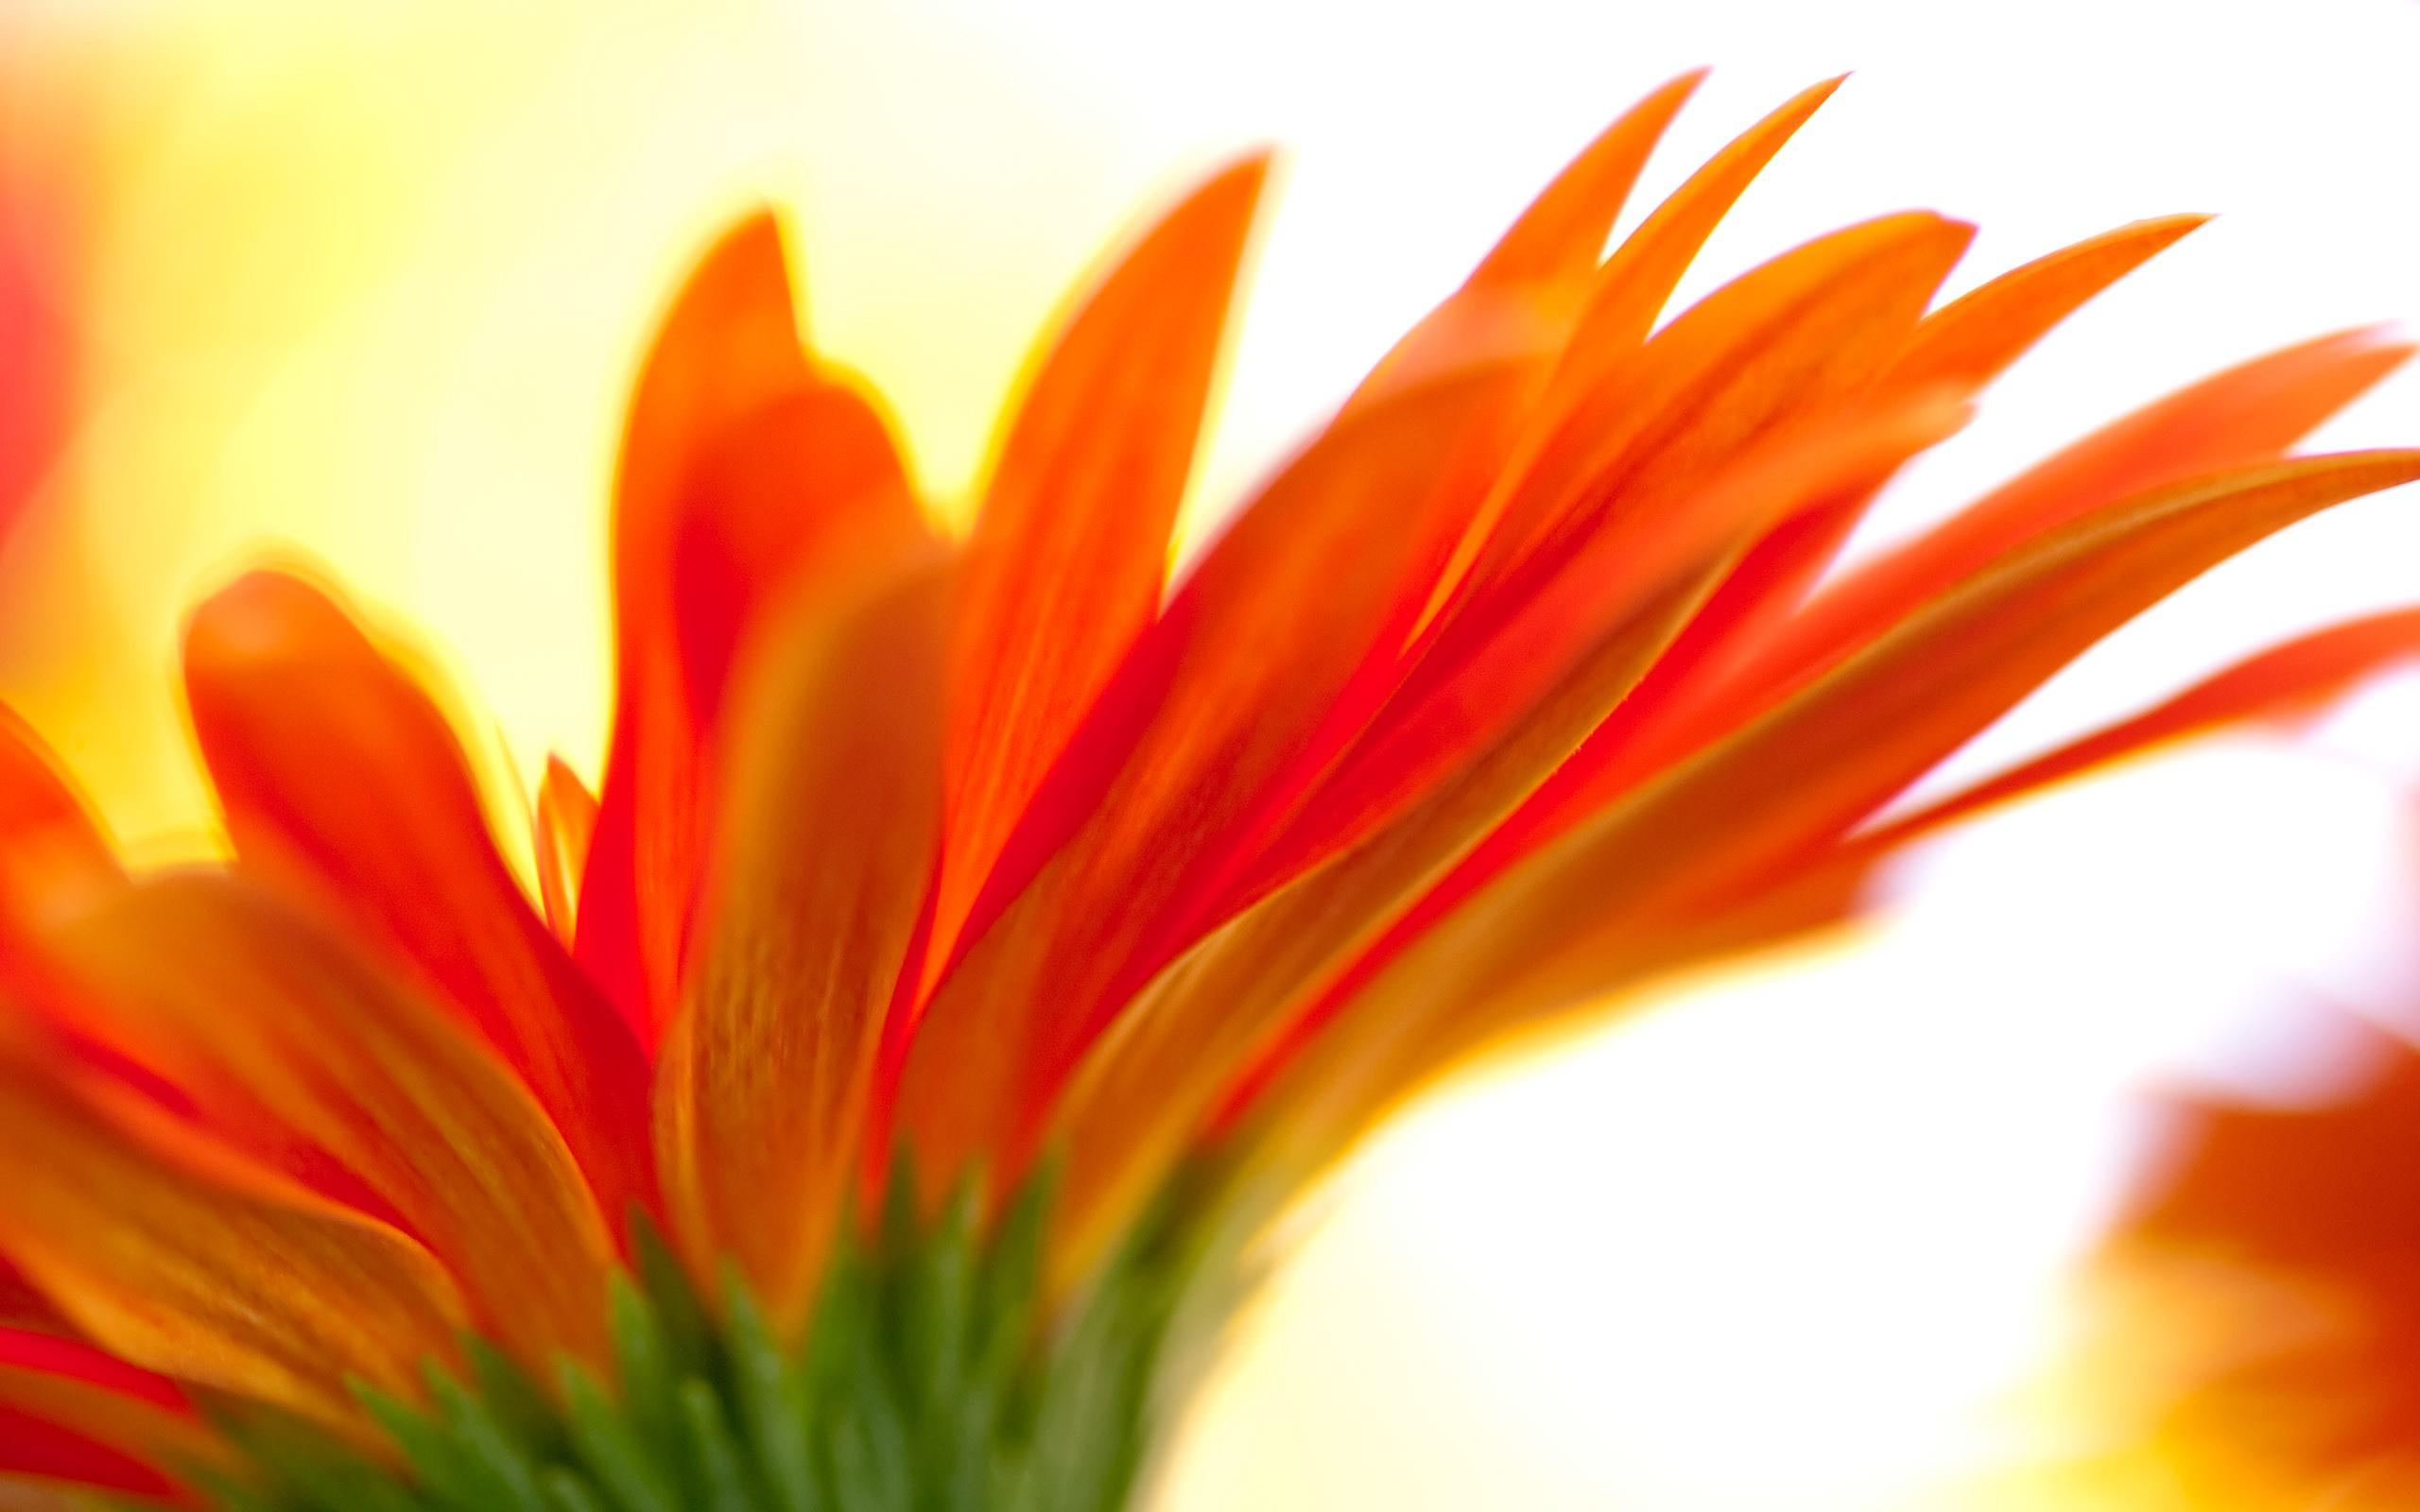 Flores con petalos naranjas - 2560x1600